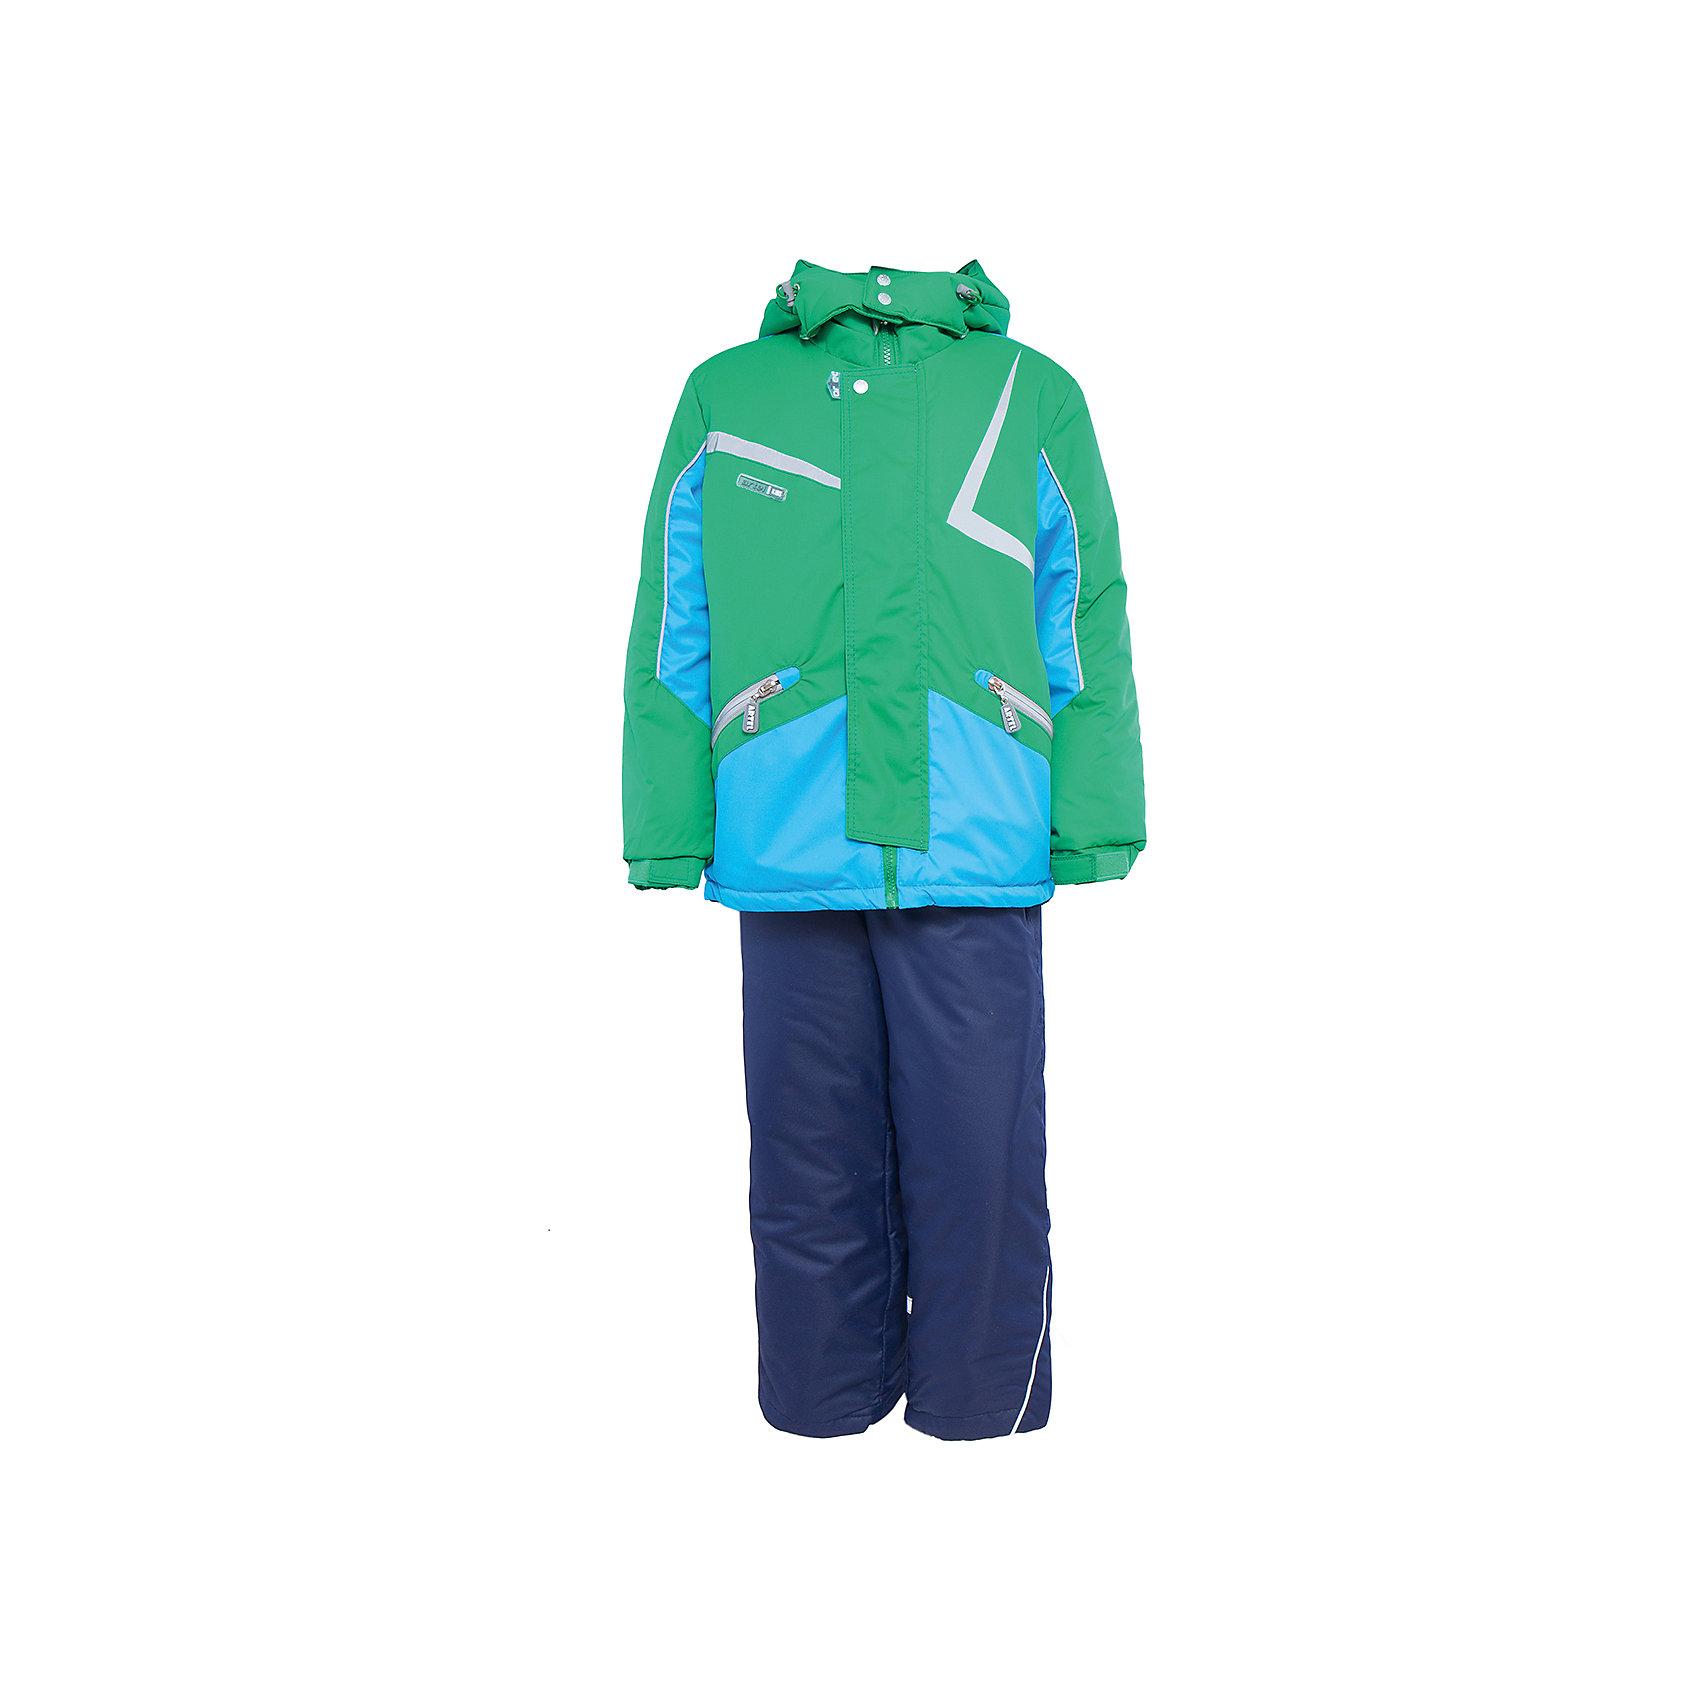 Артель Комплект: куртка и полукомбинезон для мальчика Артель комплект одежды для мальчика huppa avery куртка полукомбинезон цвет синий темно синий 41780030 72535 размер 86